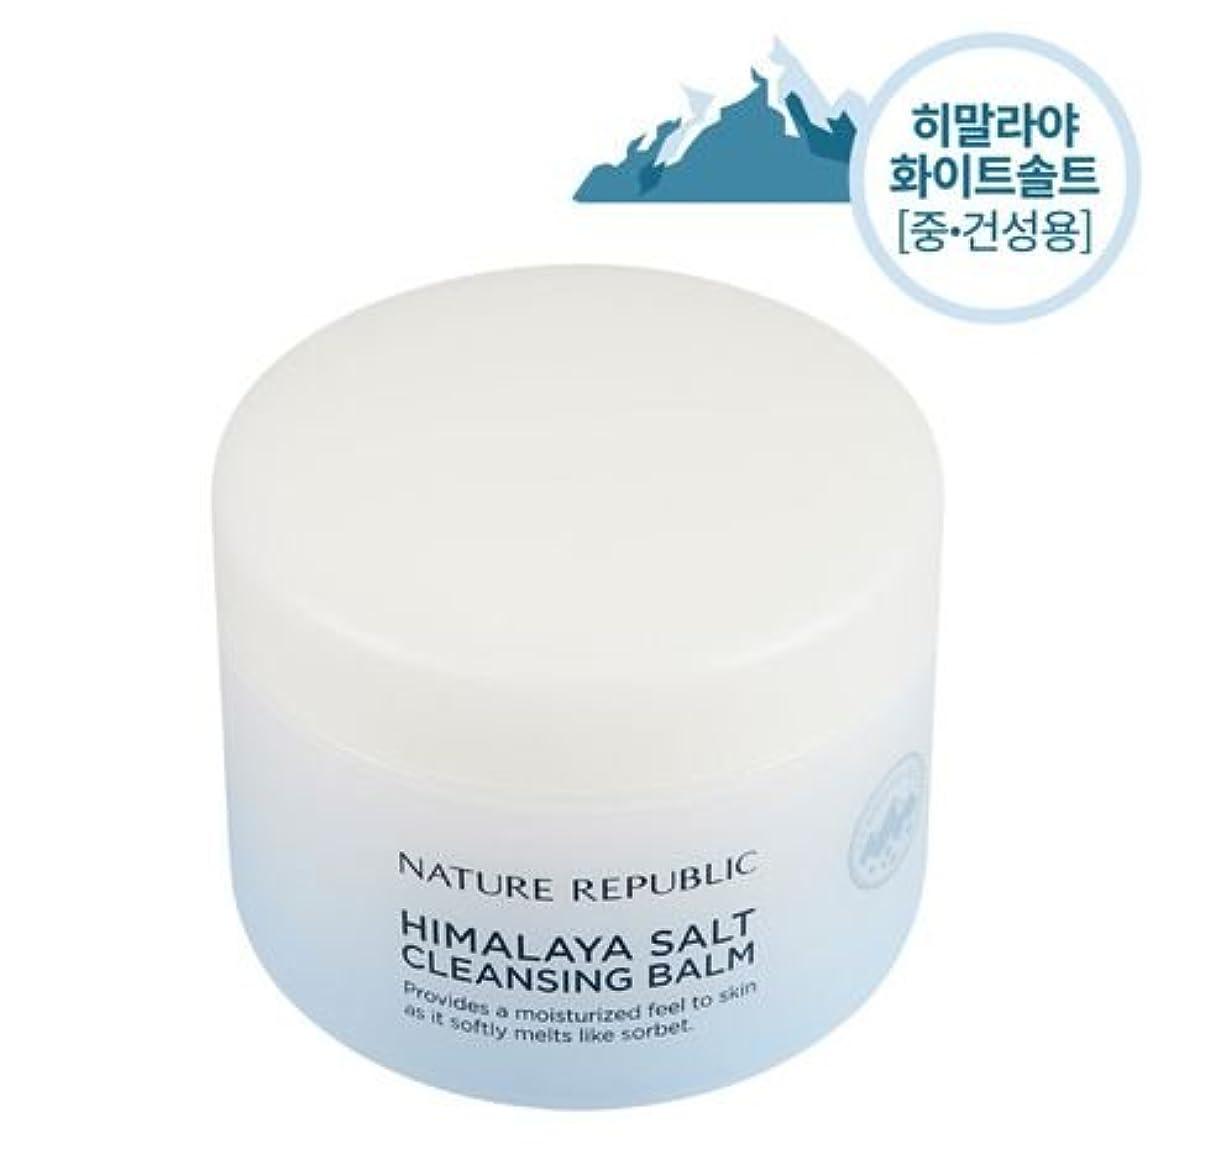 結紮水星行動NATURE REPUBLIC Himalaya salt cleansing balm (white salt)ヒマラヤソルトクレンジングバーム(white salt) [並行輸入品]